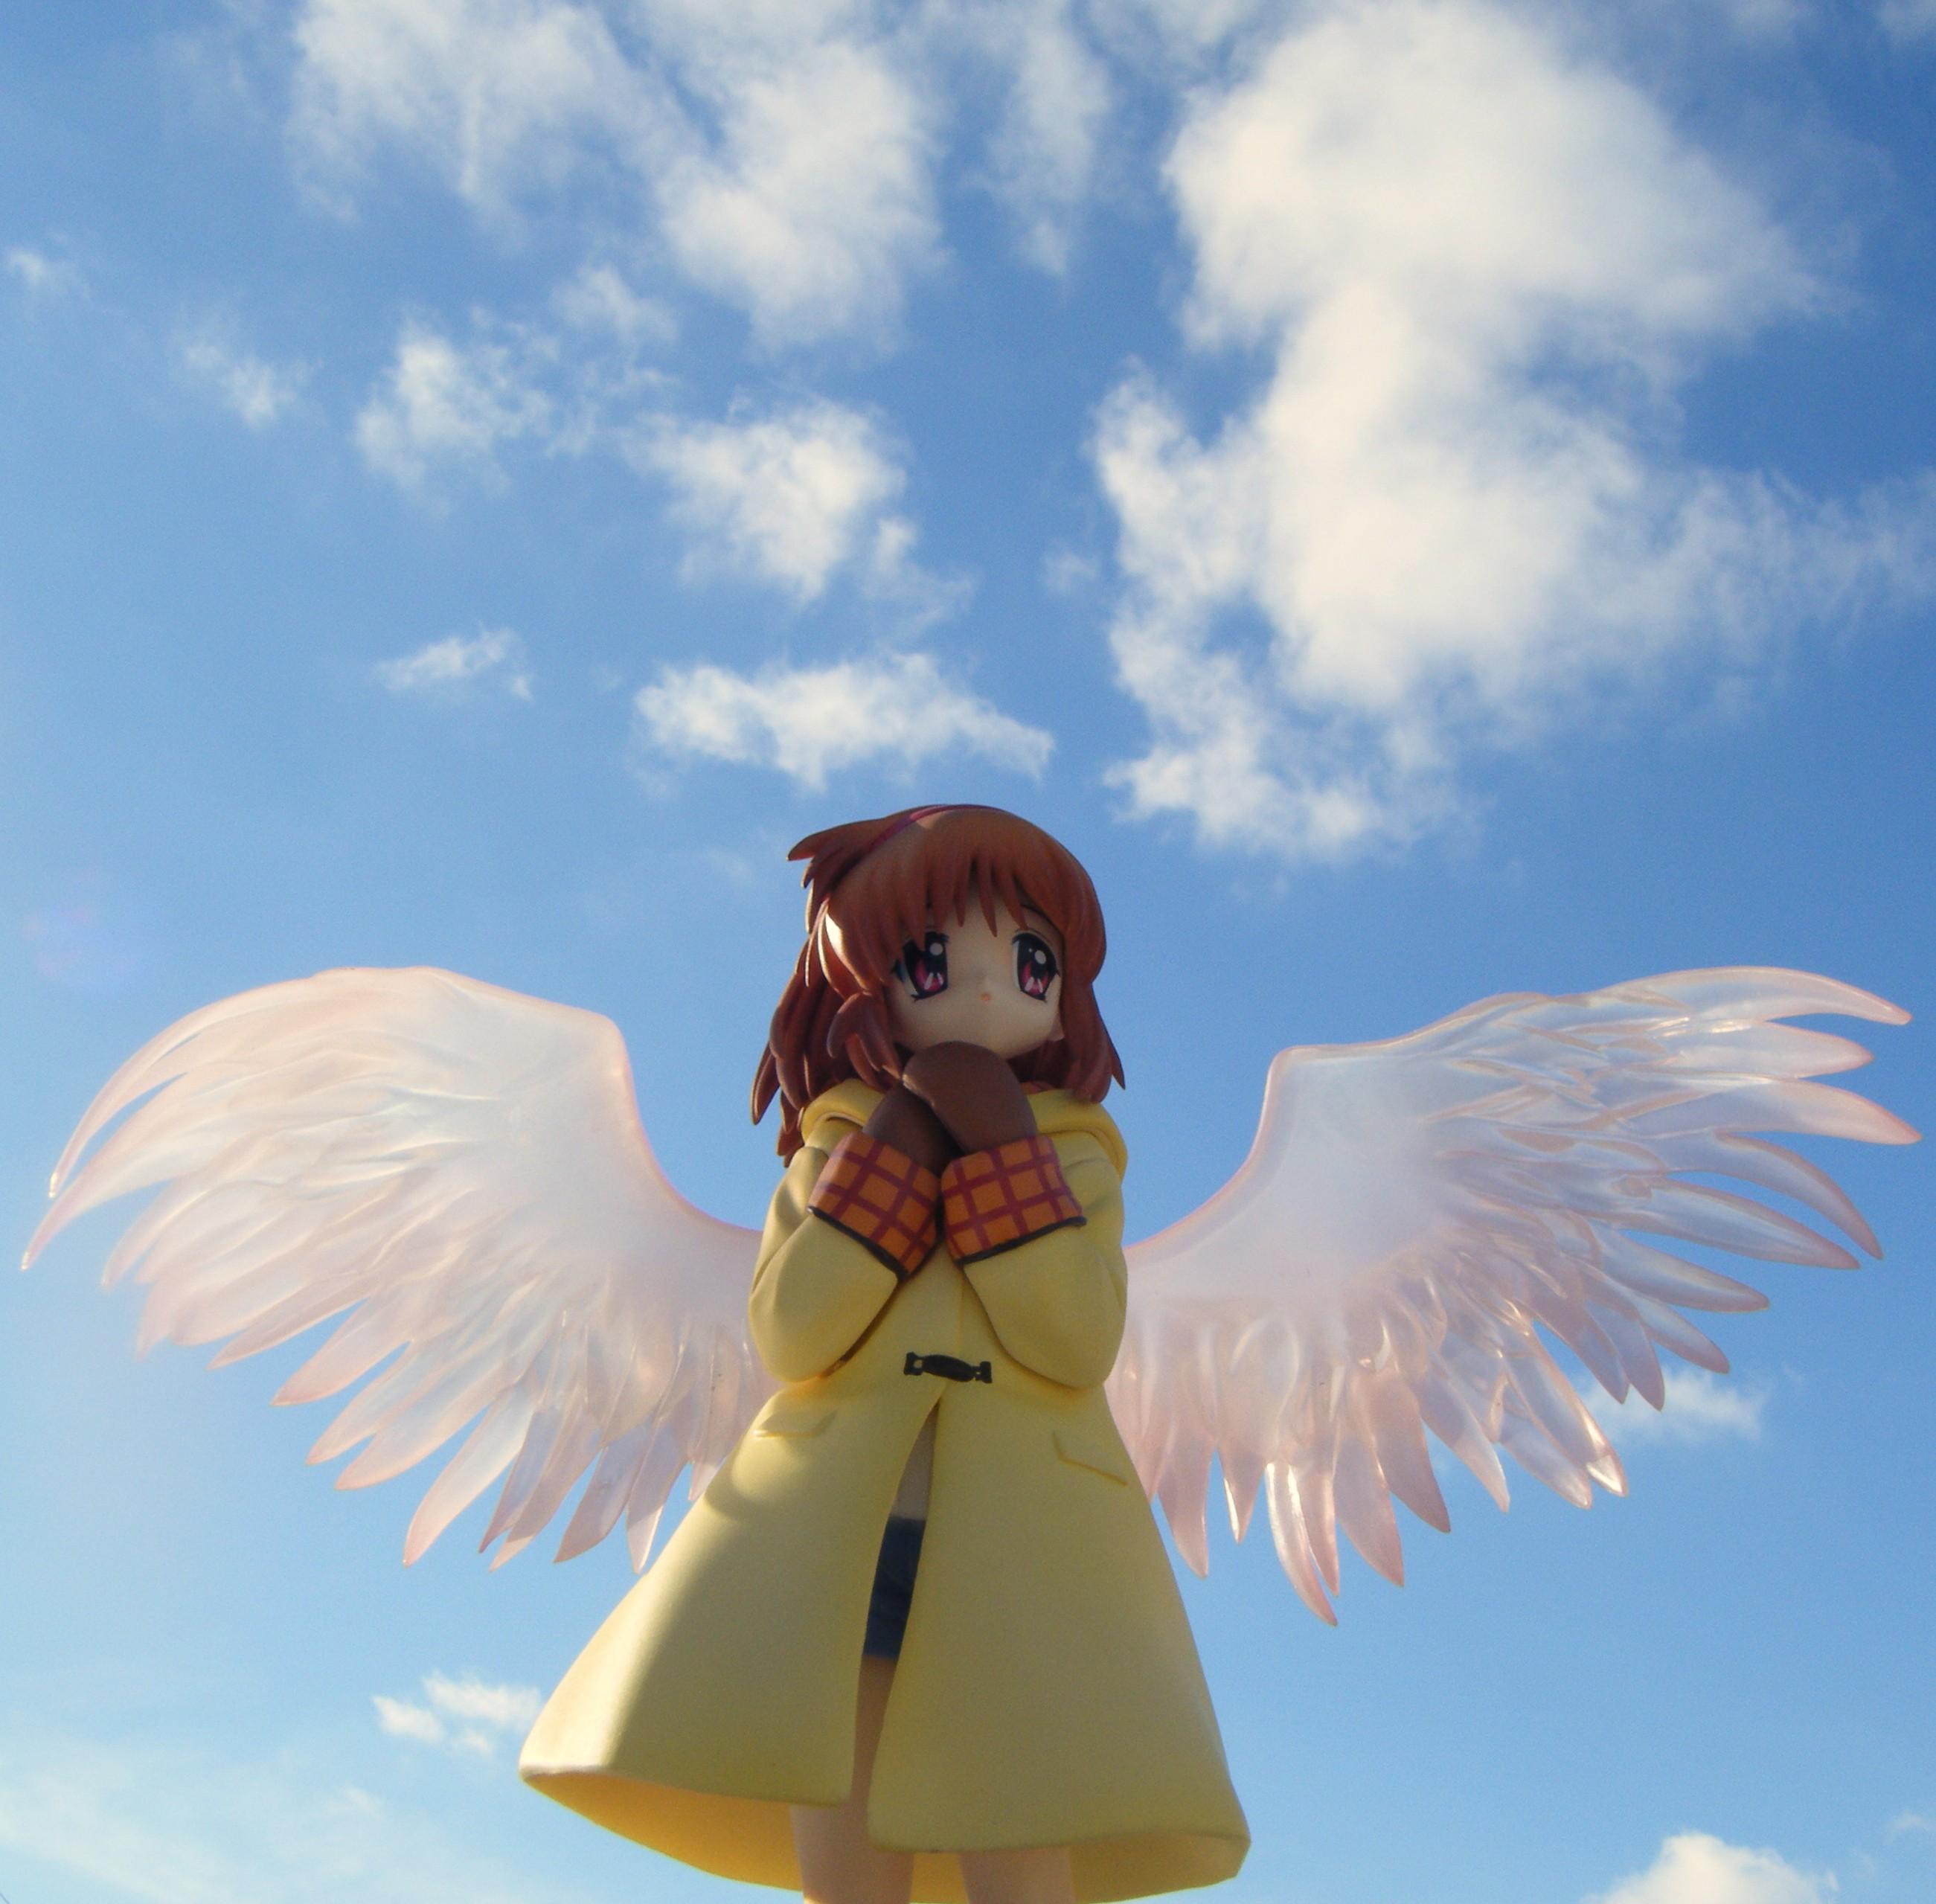 wings angel clouds sky